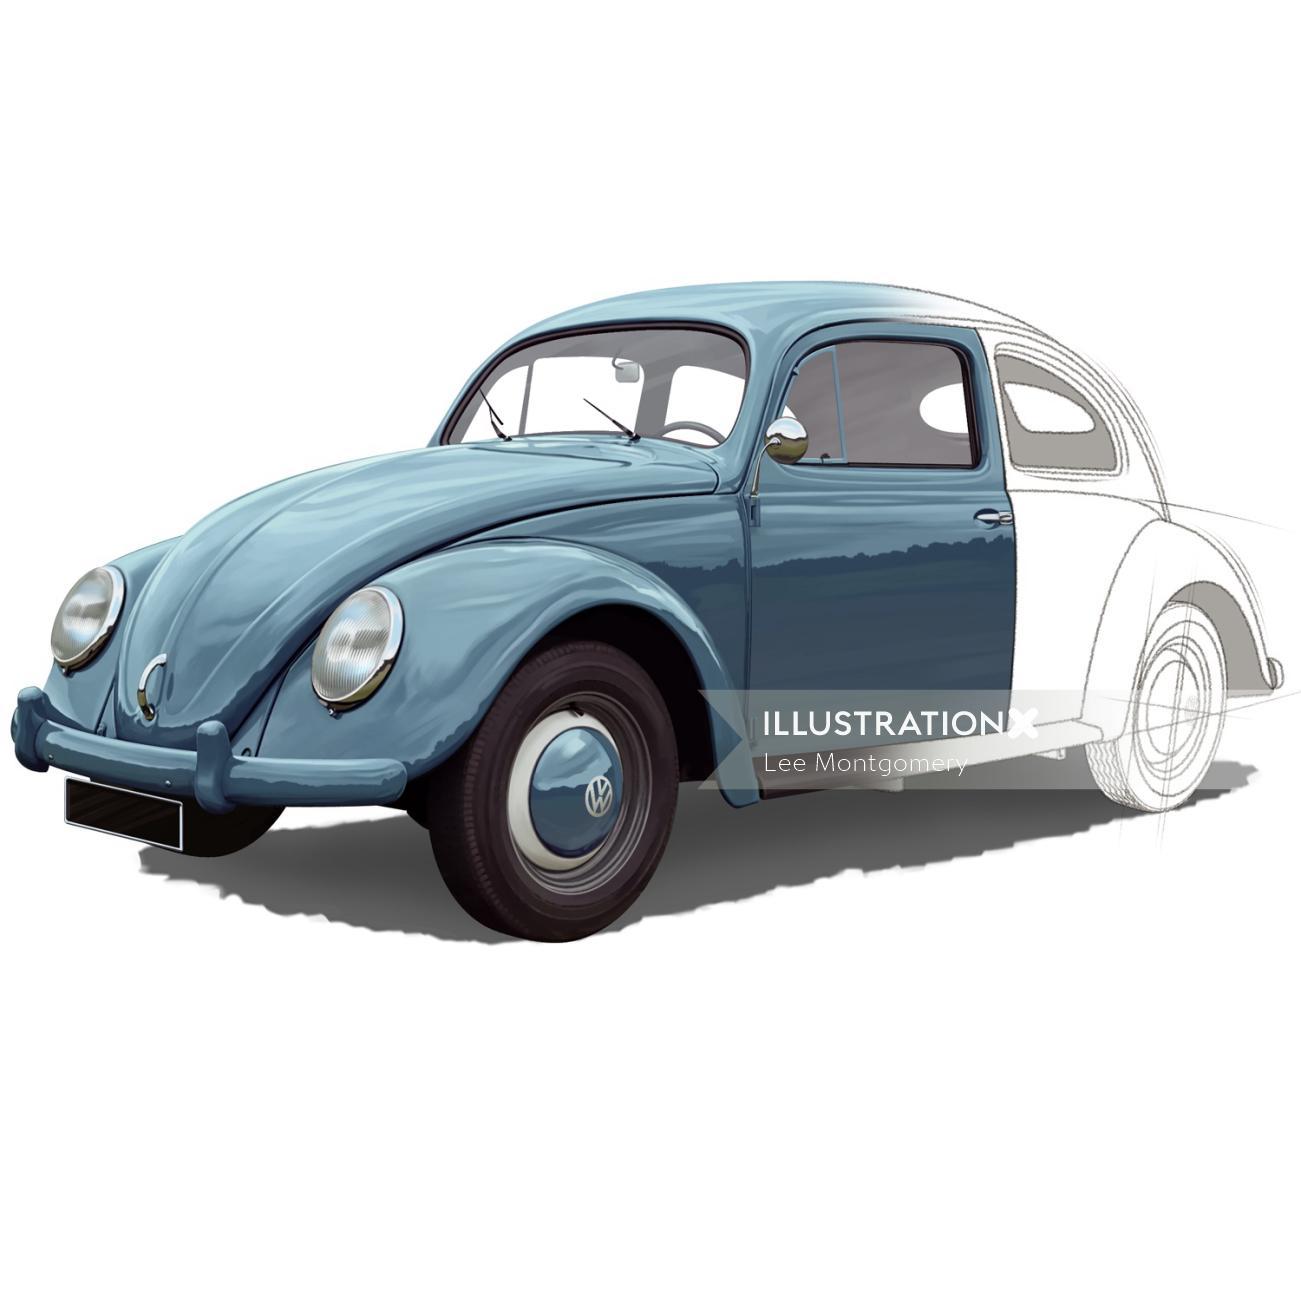 Half painted beetle car